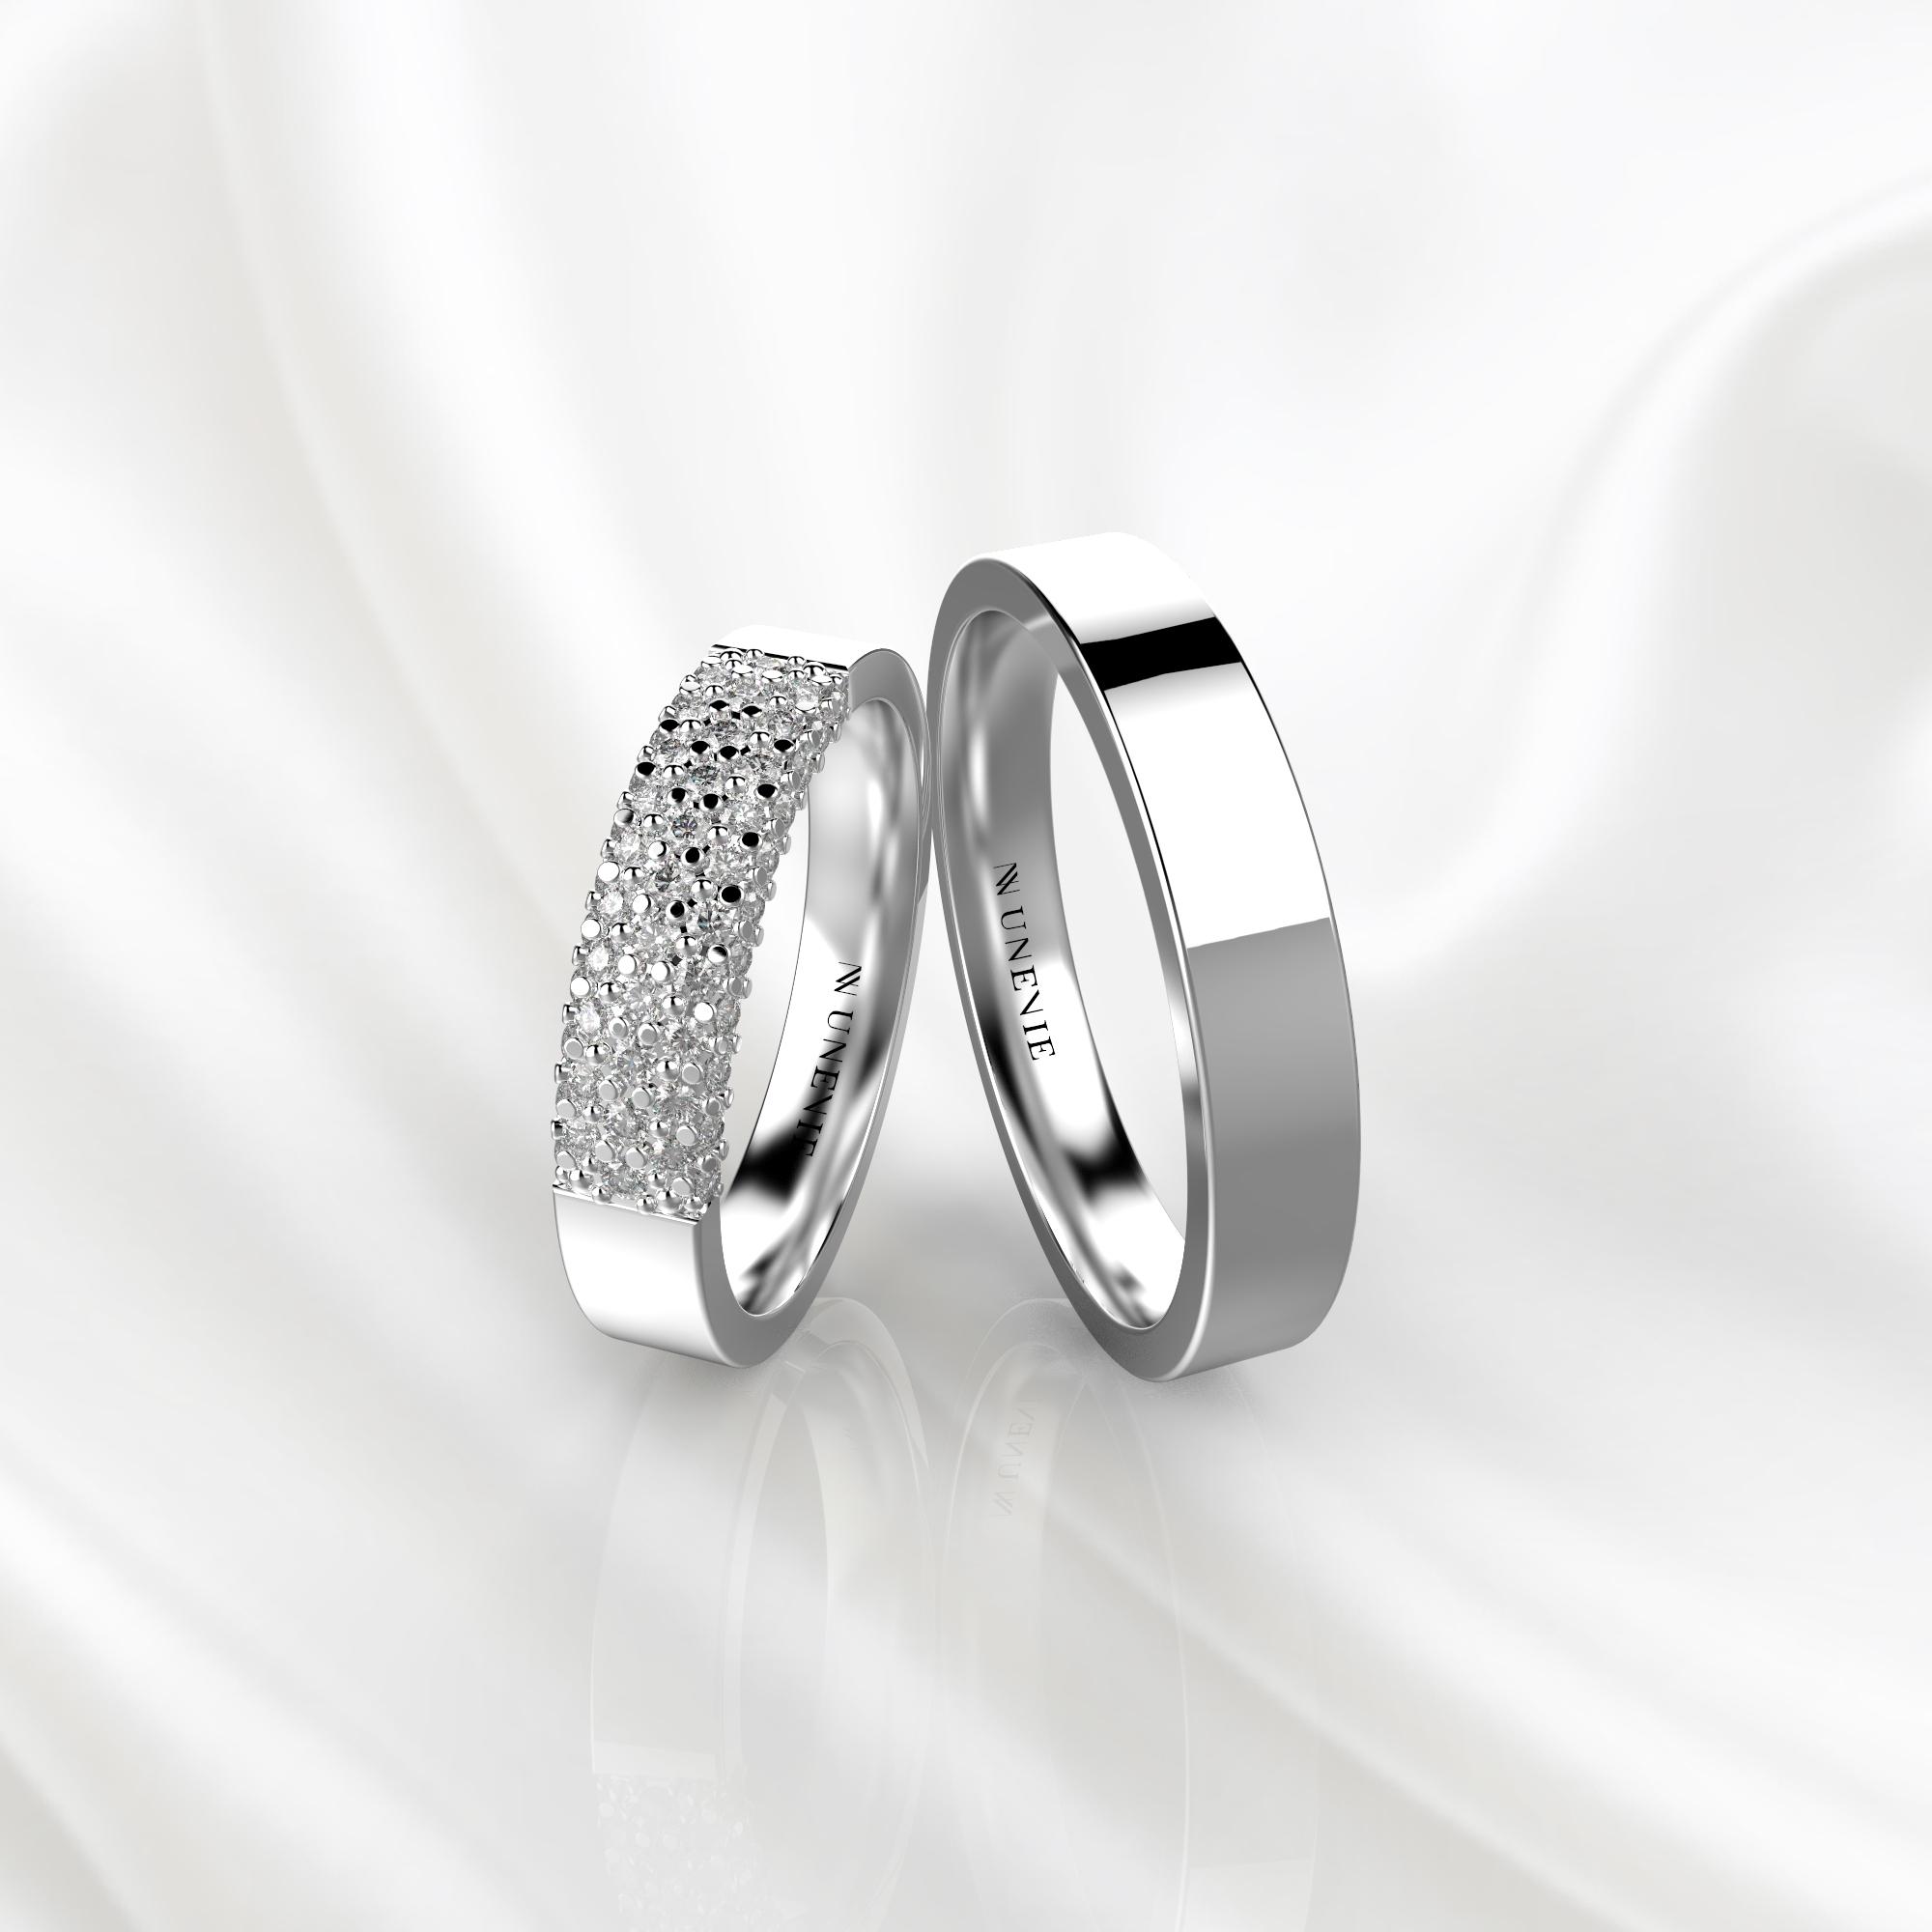 NV85 Парные обручальные кольца из белого золота с бриллиантами